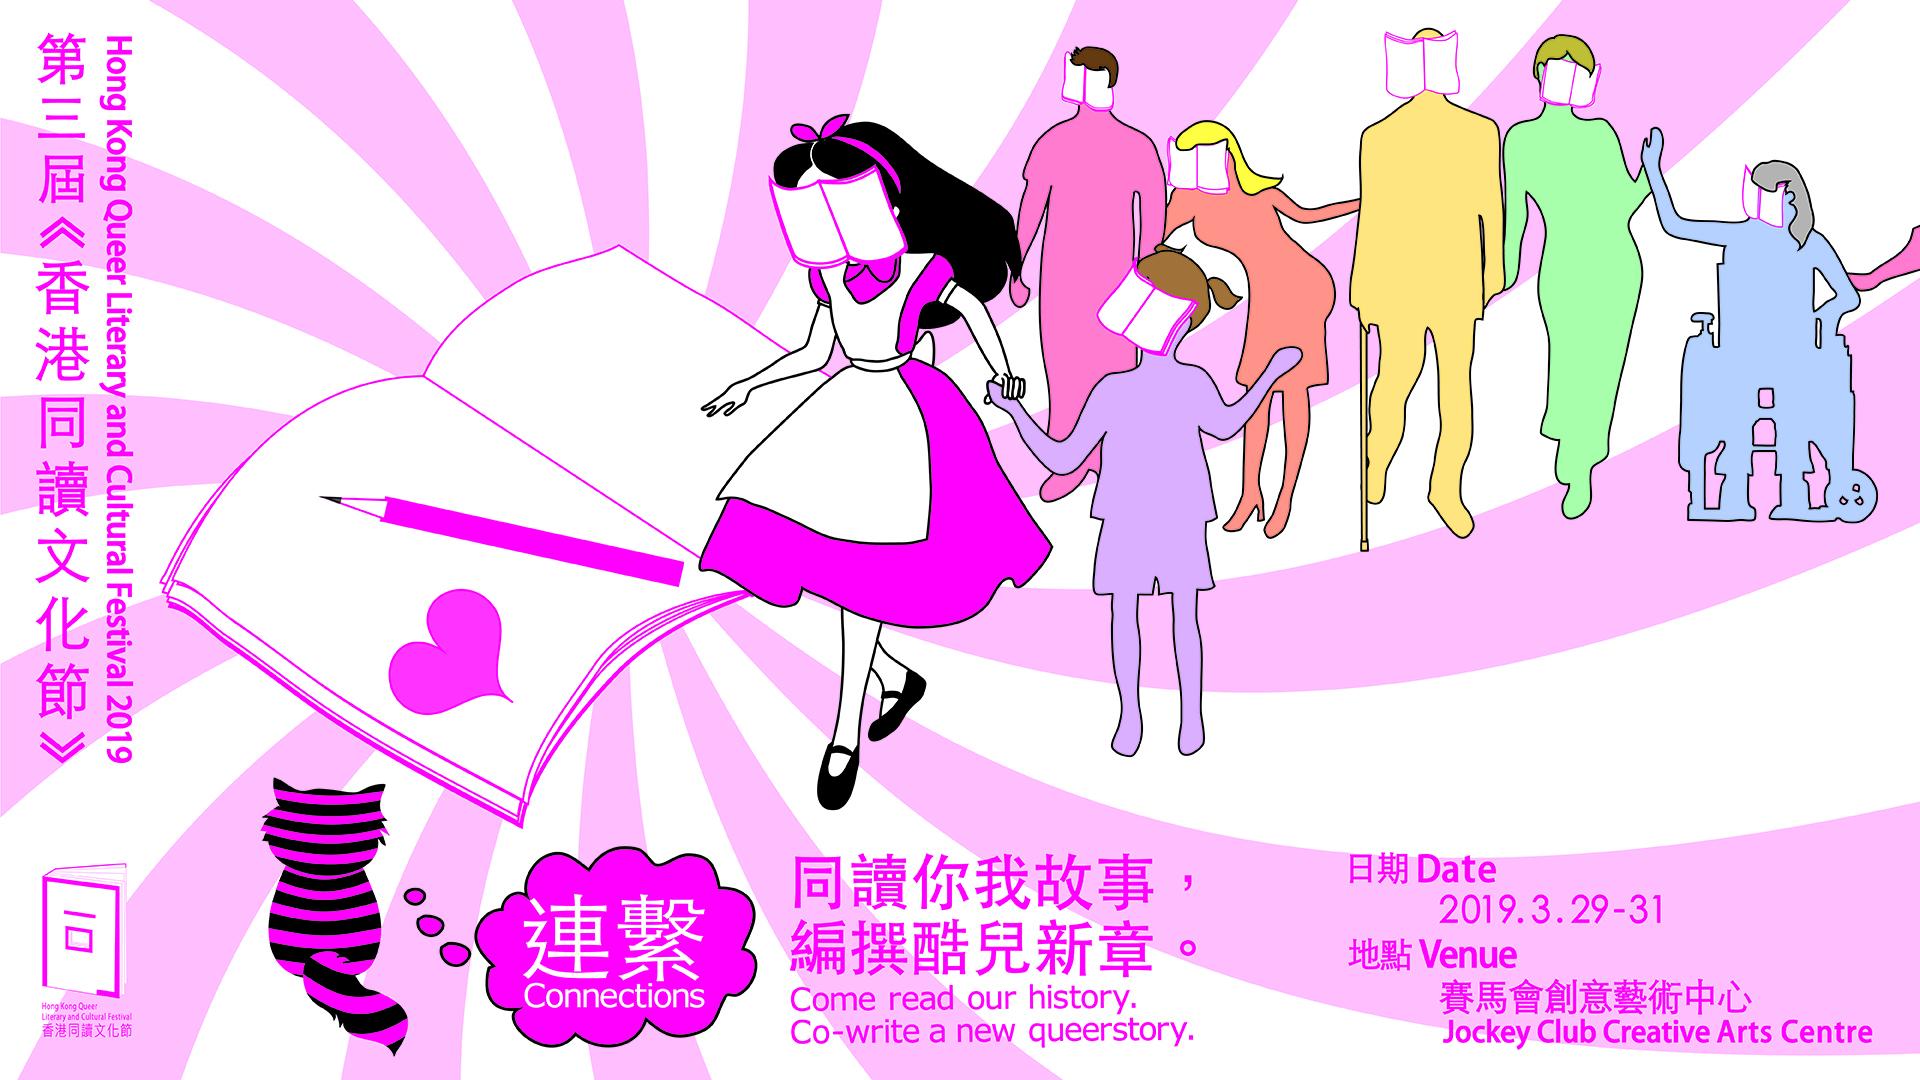 「香港同讀文化節」月底揭幕,主題「連繫 」彰顯性別無處不在